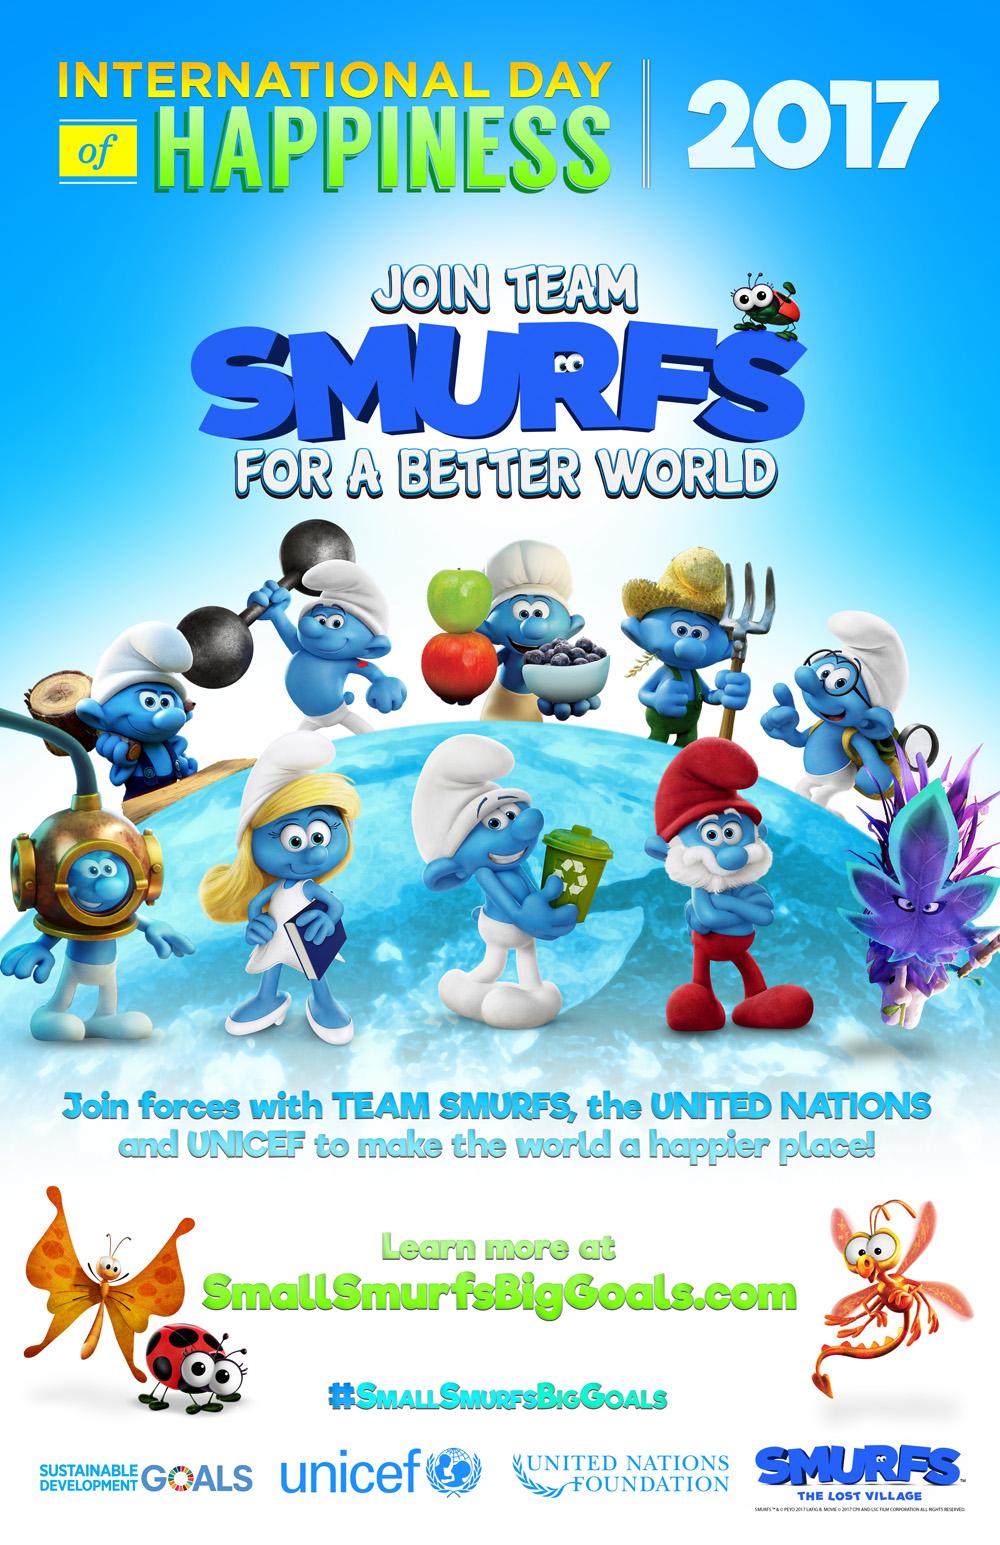 smurfs-un-main-campaign01